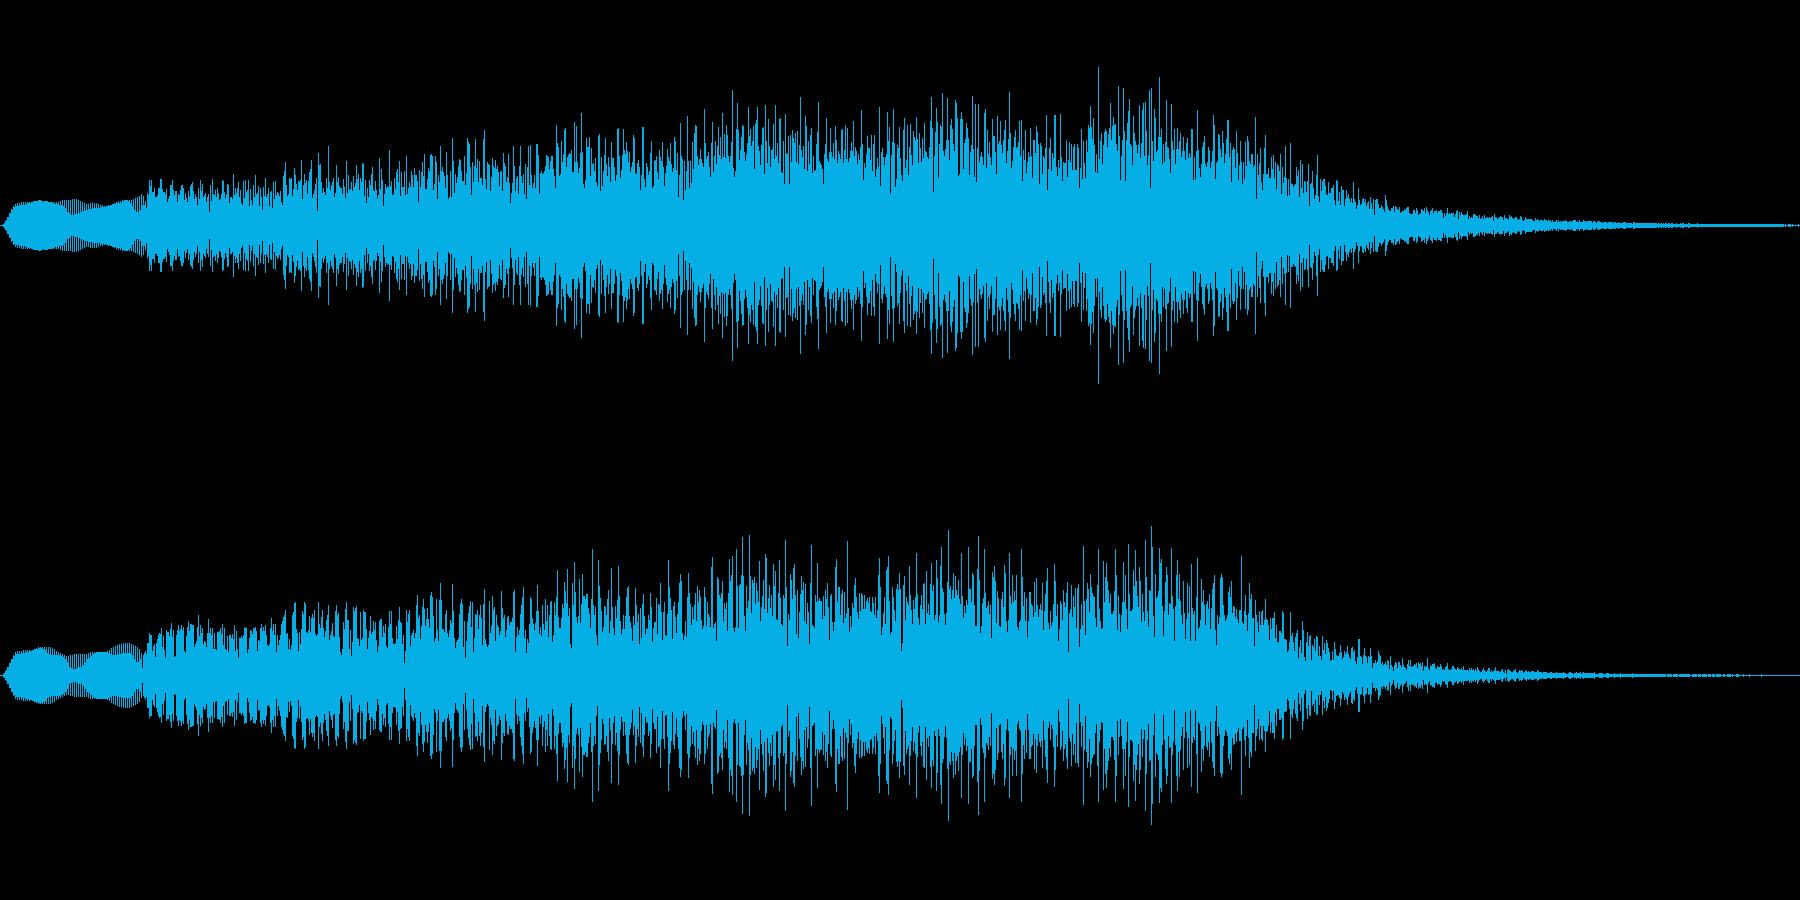 ジングル101jの再生済みの波形